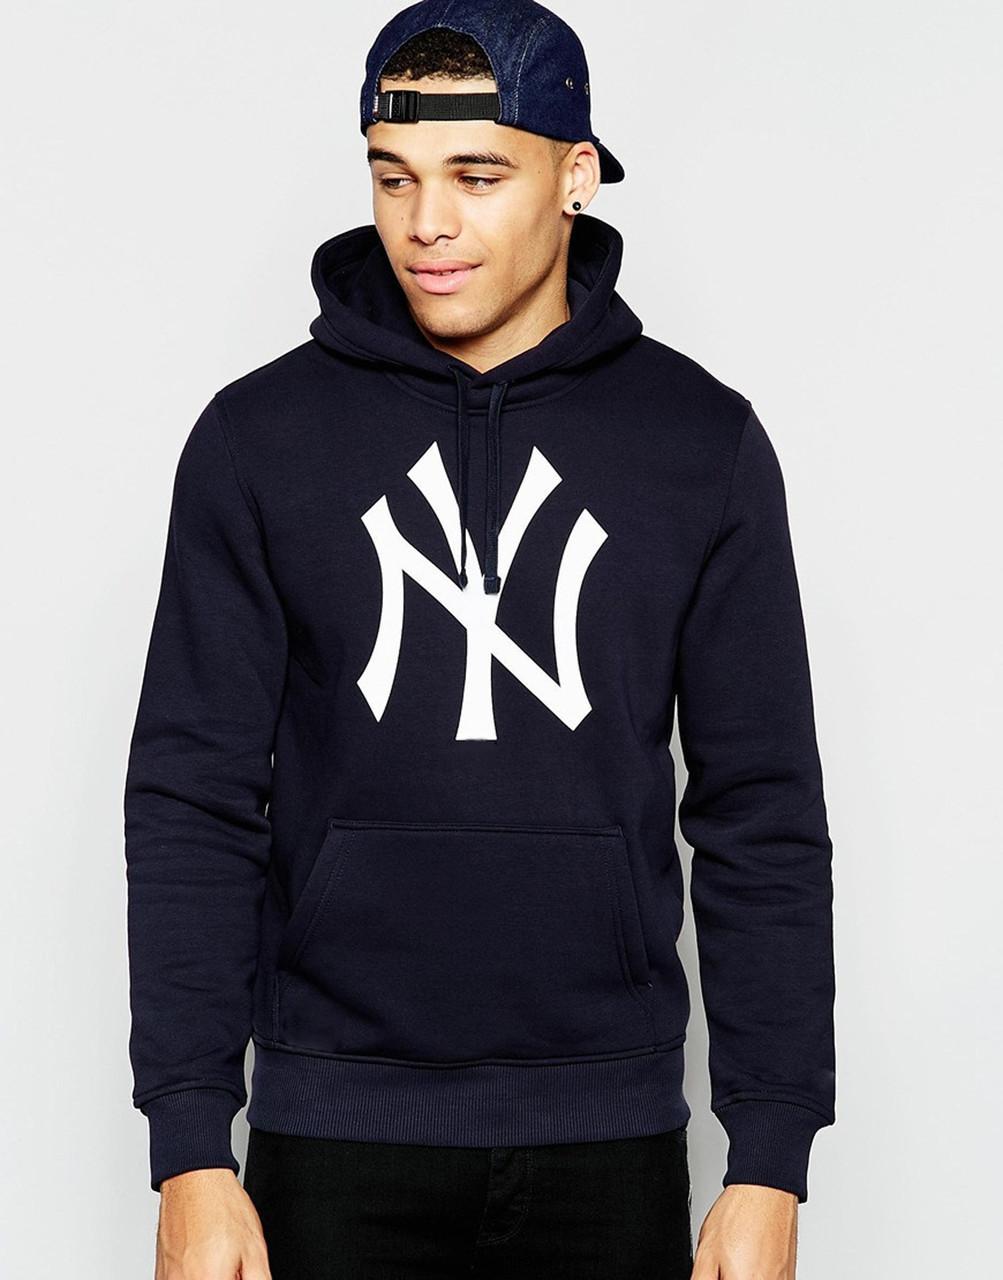 Худі чорна чоловіча New Егав стилі NEW YORK Yankees | Толстовка